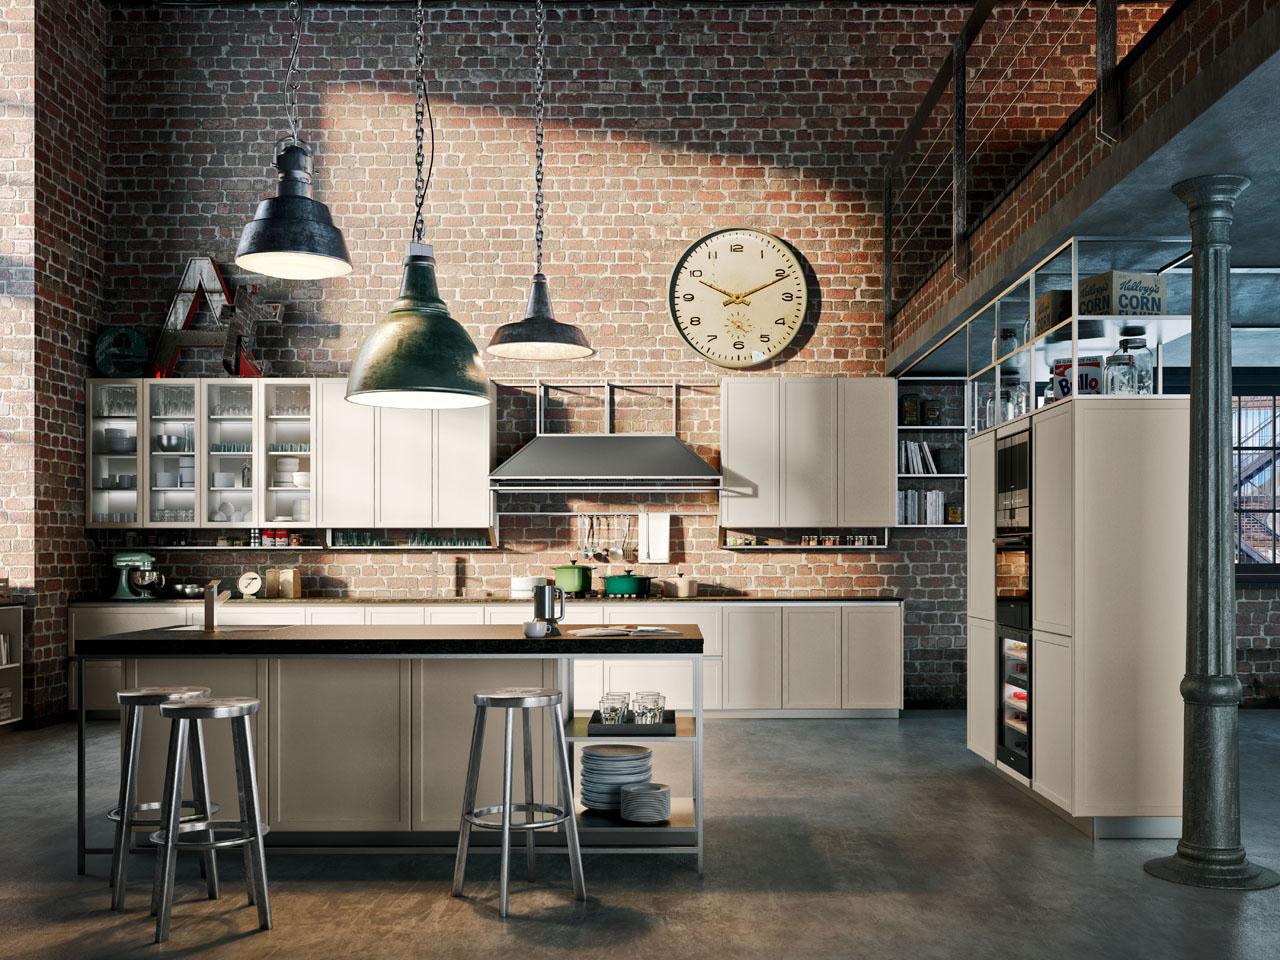 Cucine Dal Gusto Classico Contemporaneo Ambiente Cucina #836648 1280 960 Foto Di Cucine Vecchie